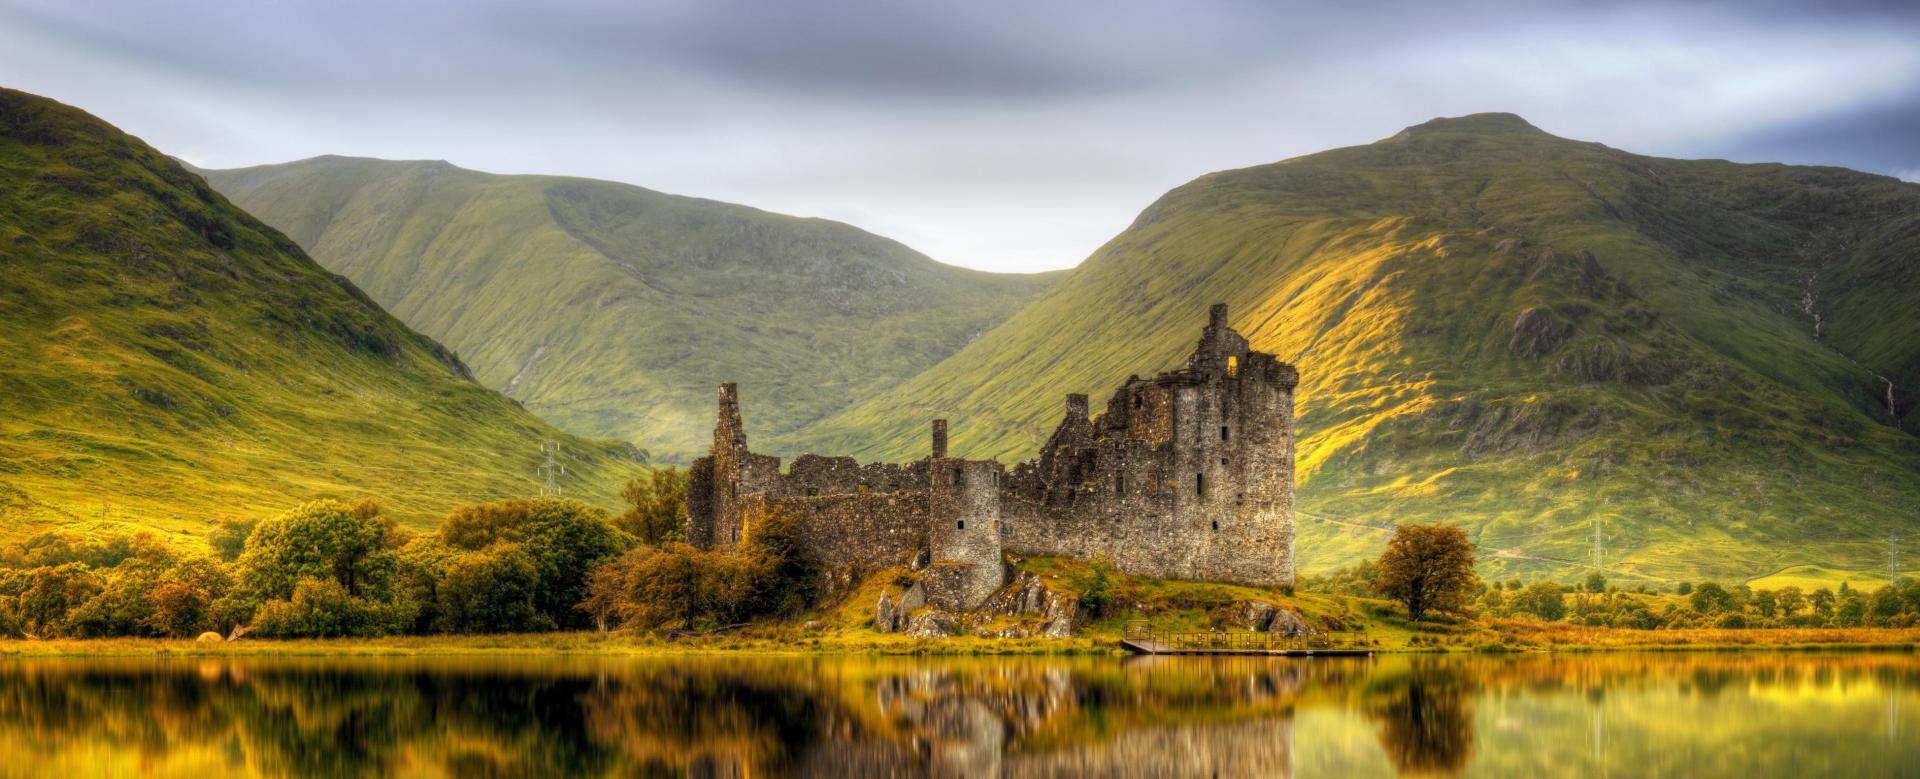 Voyage sur l'eau : Ecosse, mystères des highlands